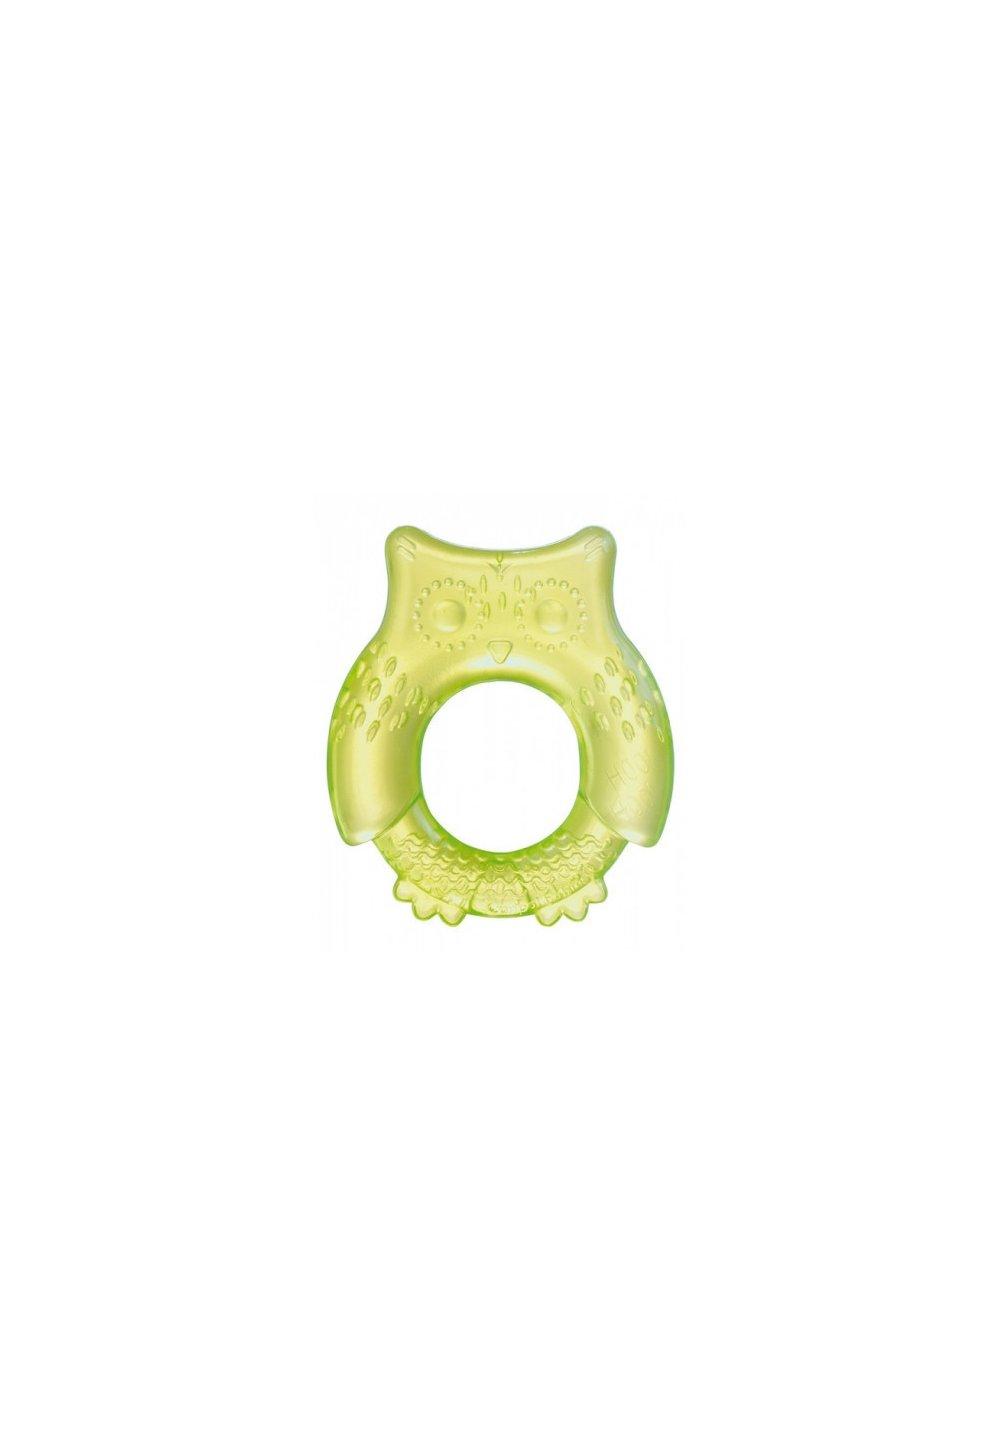 Jucarie dentitie, figurina bufnita verde 74/016 imagine